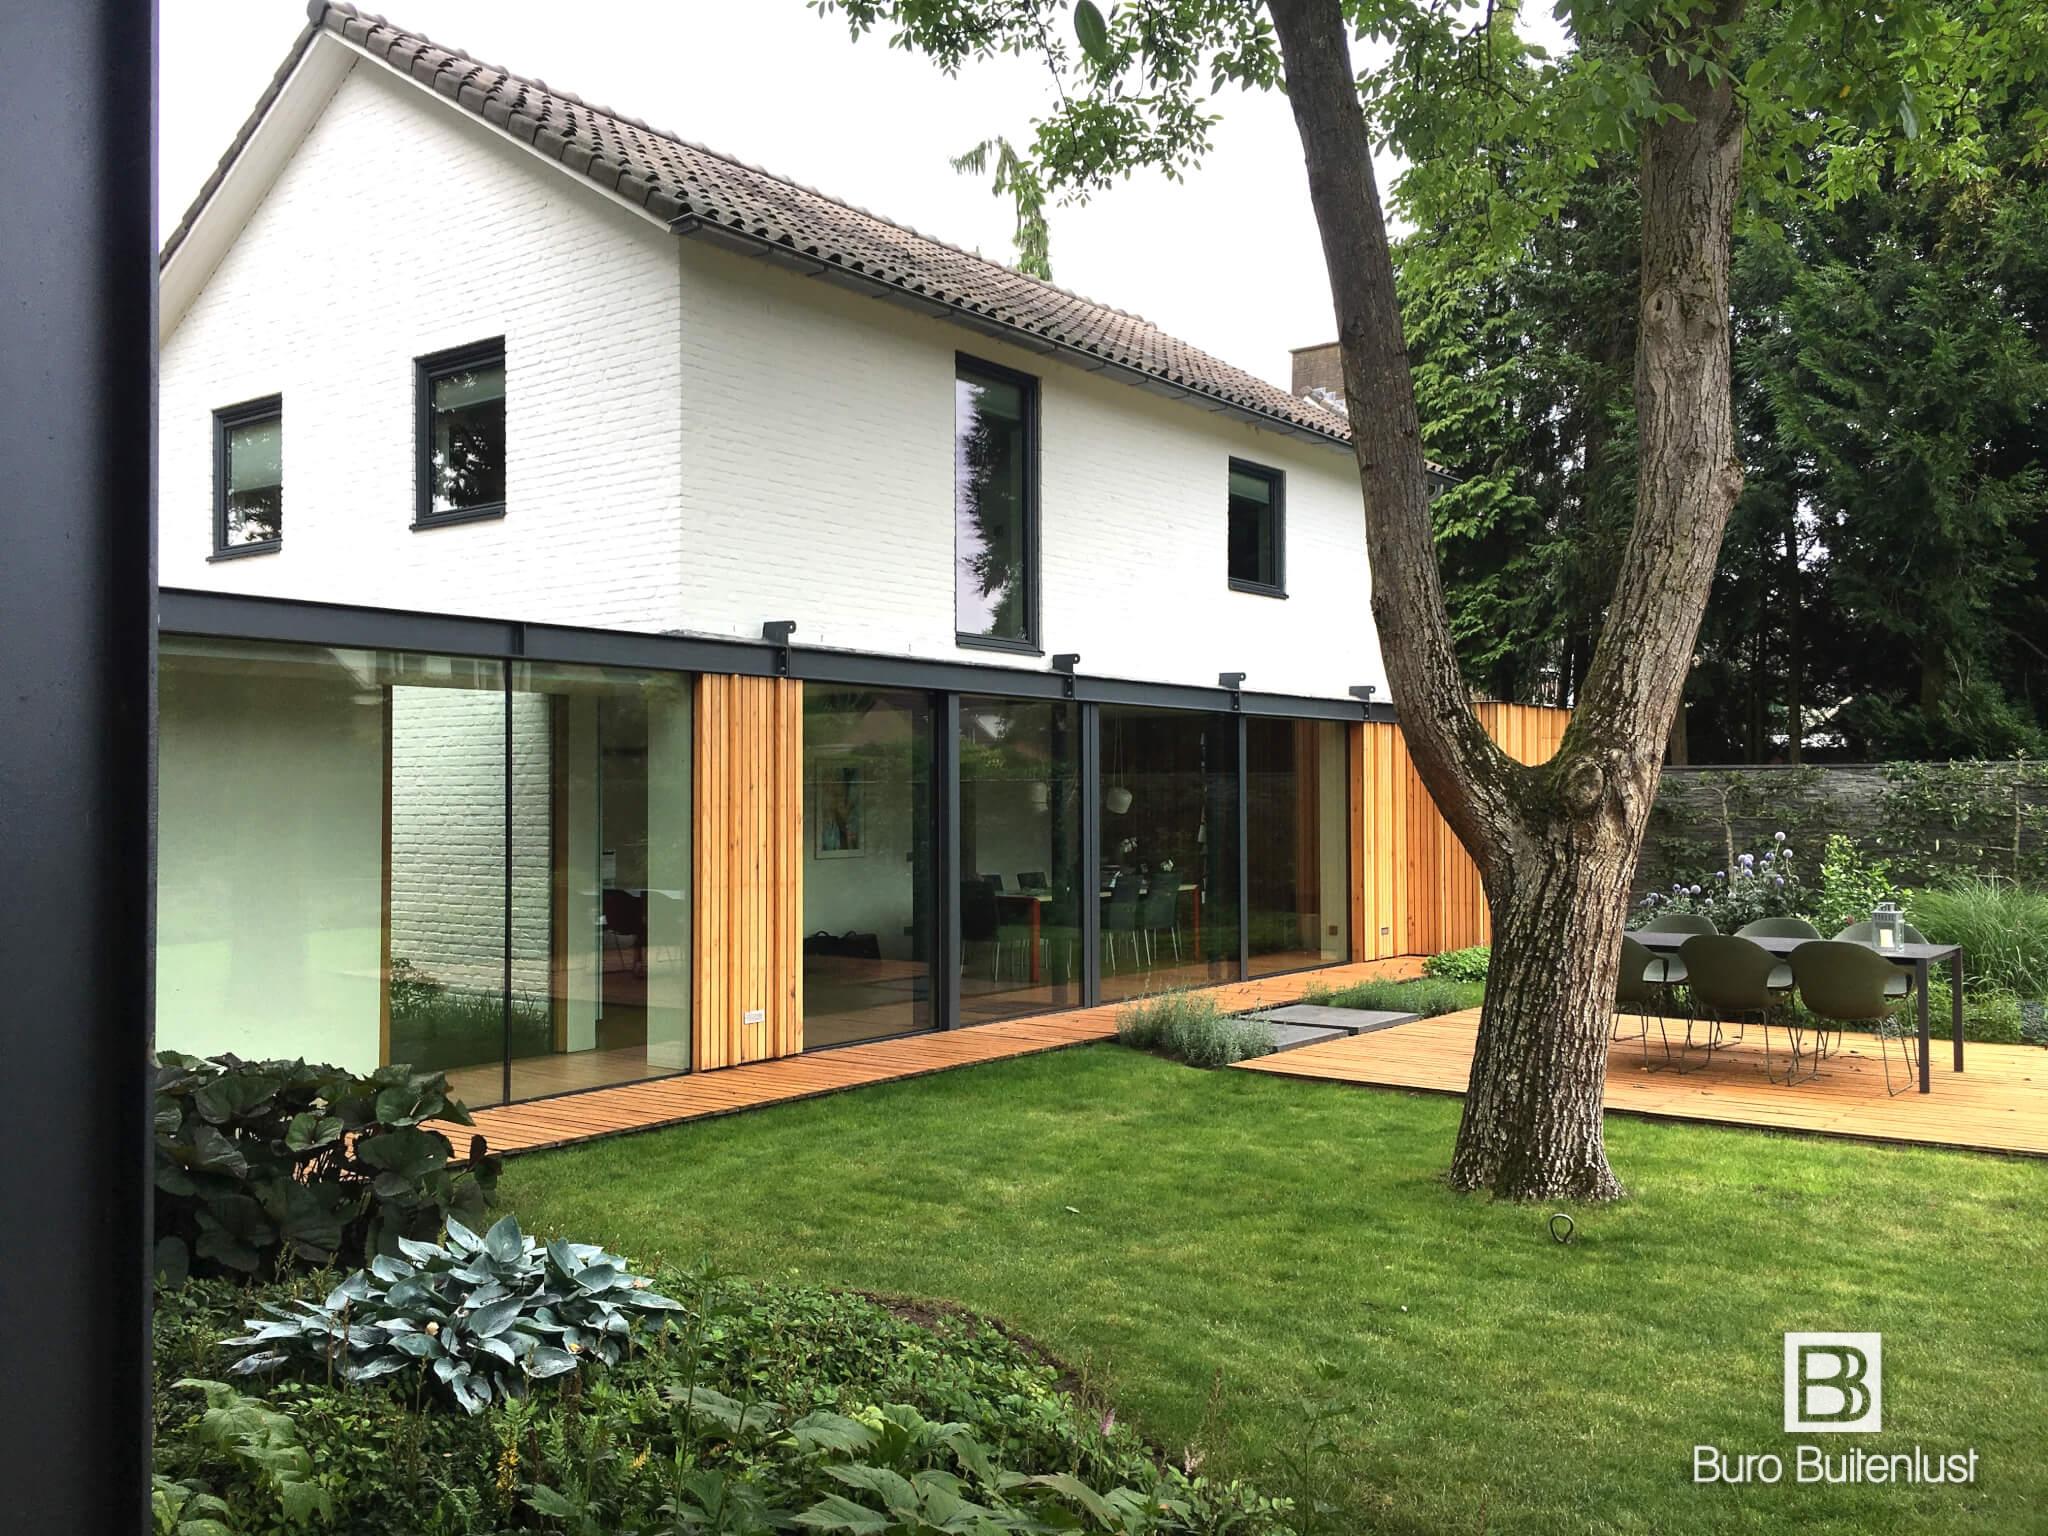 Eikenhouten vlonders rond huis met moderne architectuur buro